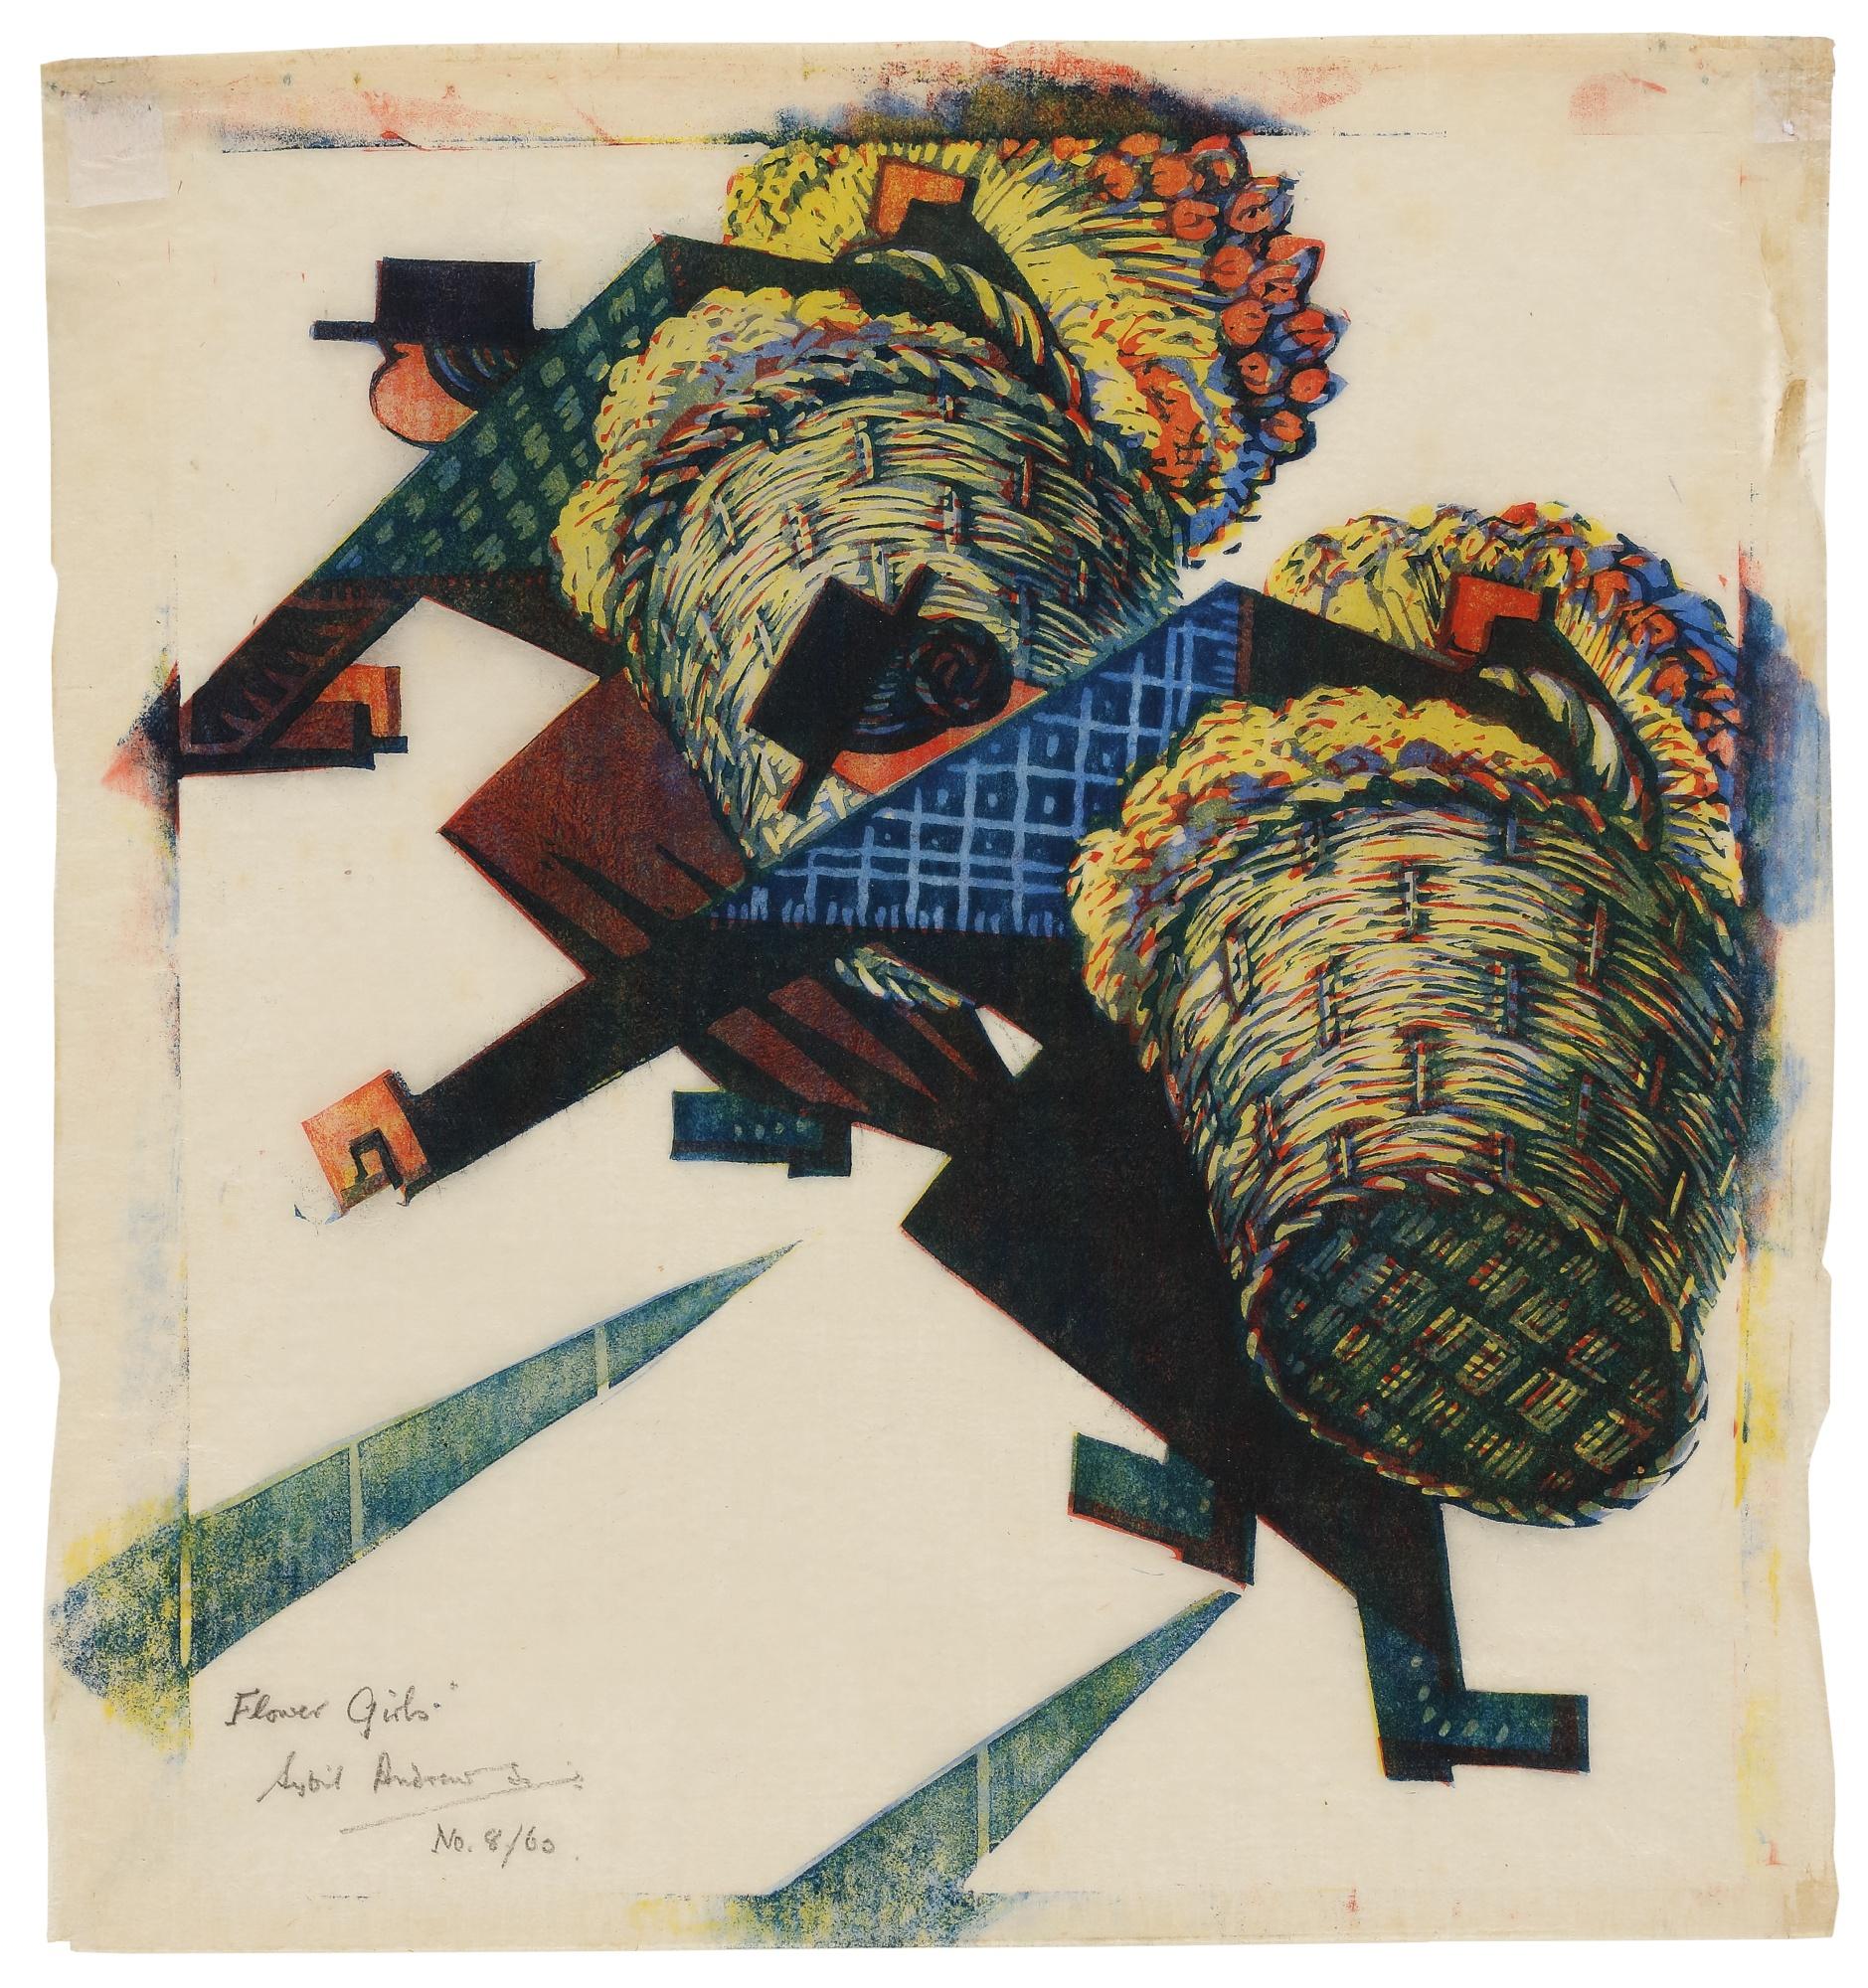 Sybil Andrews-Flower Girls (C. Sa 28)-1934